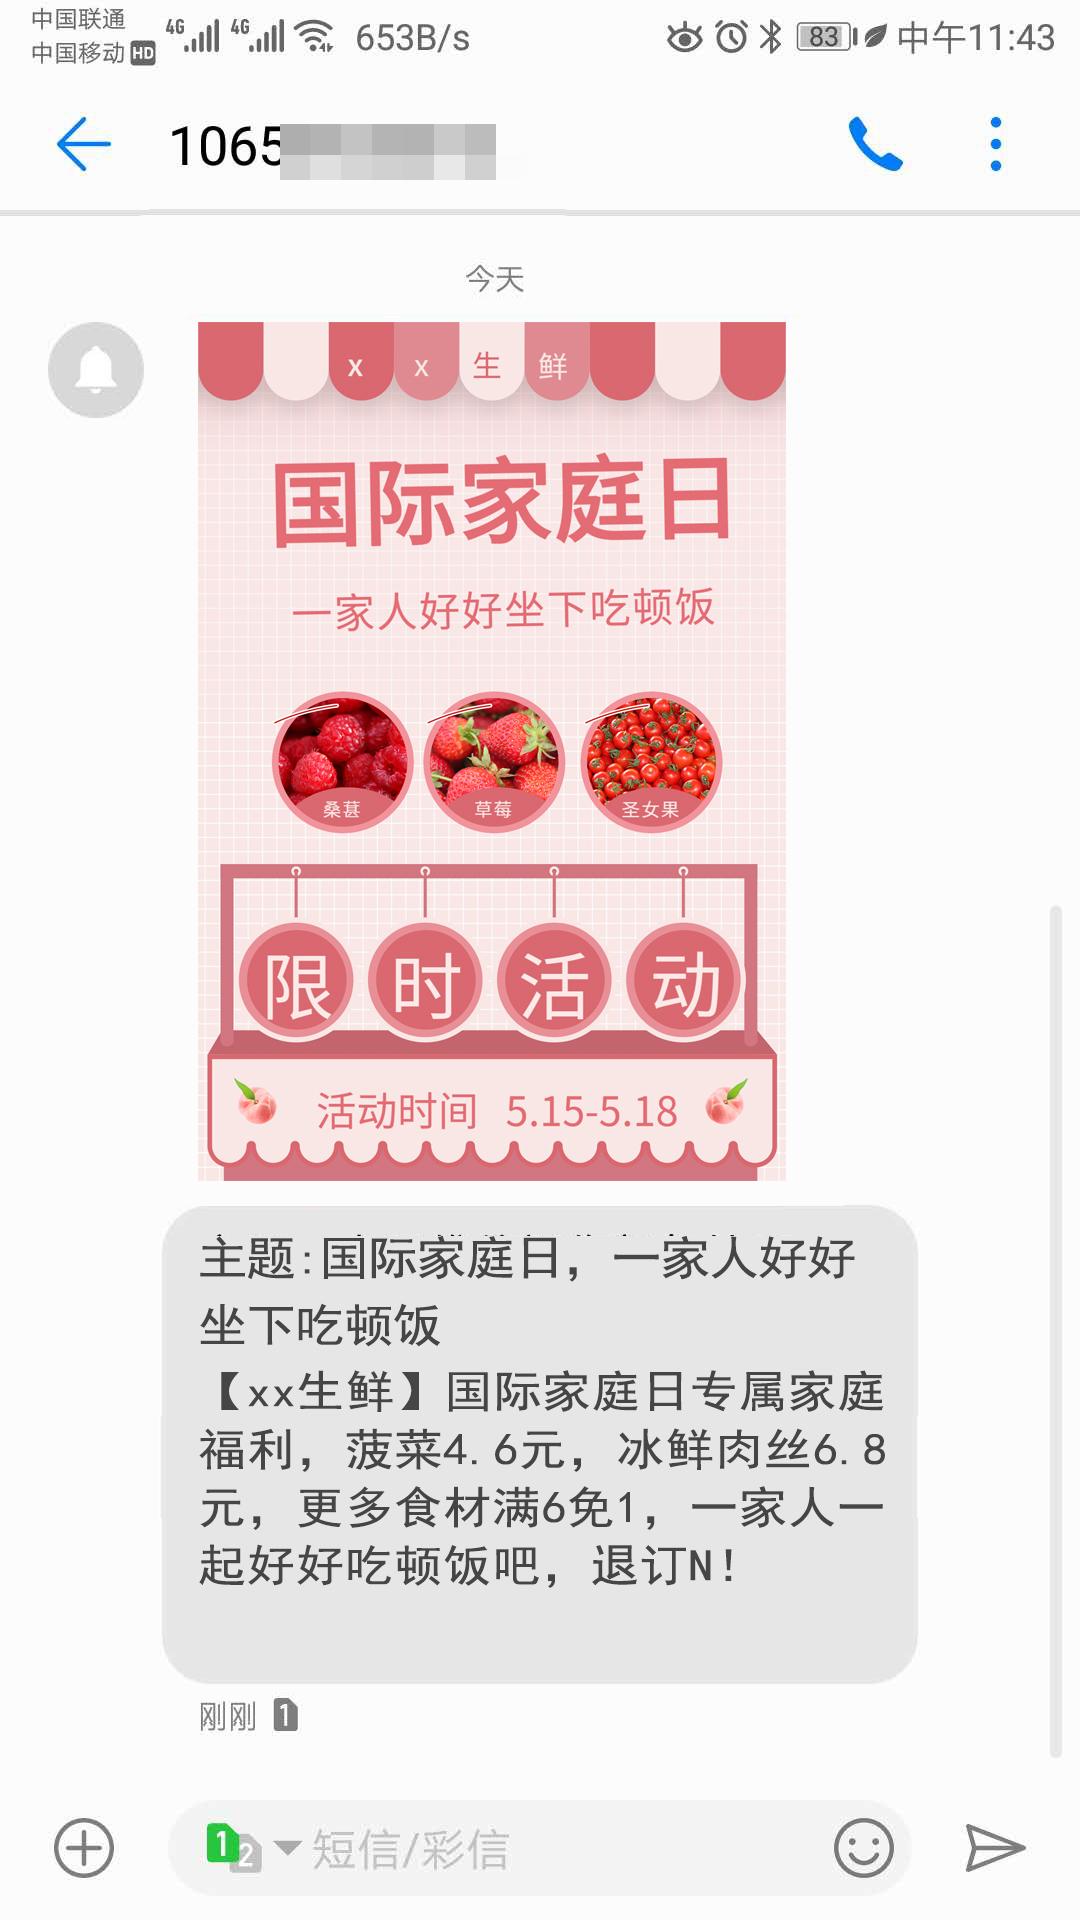 生鲜行业群发彩信营销示例.jpg